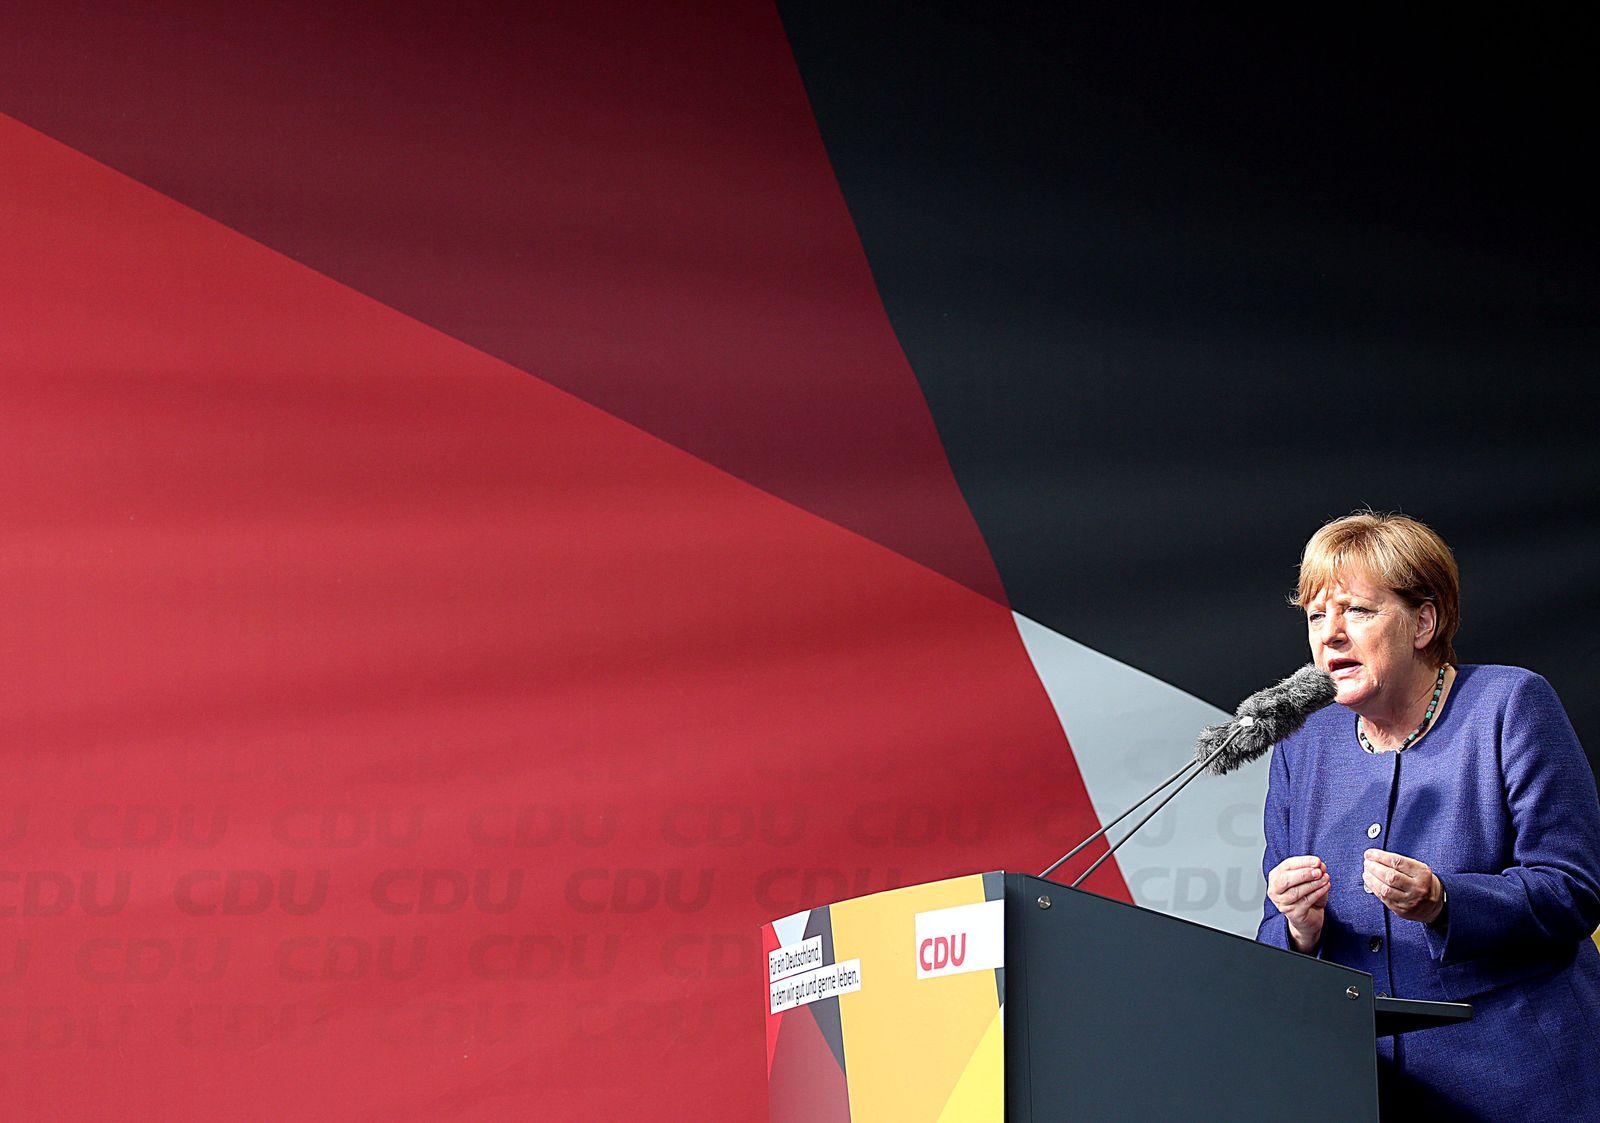 Angela Merkel - Wahlkampfauftritt in Siegen